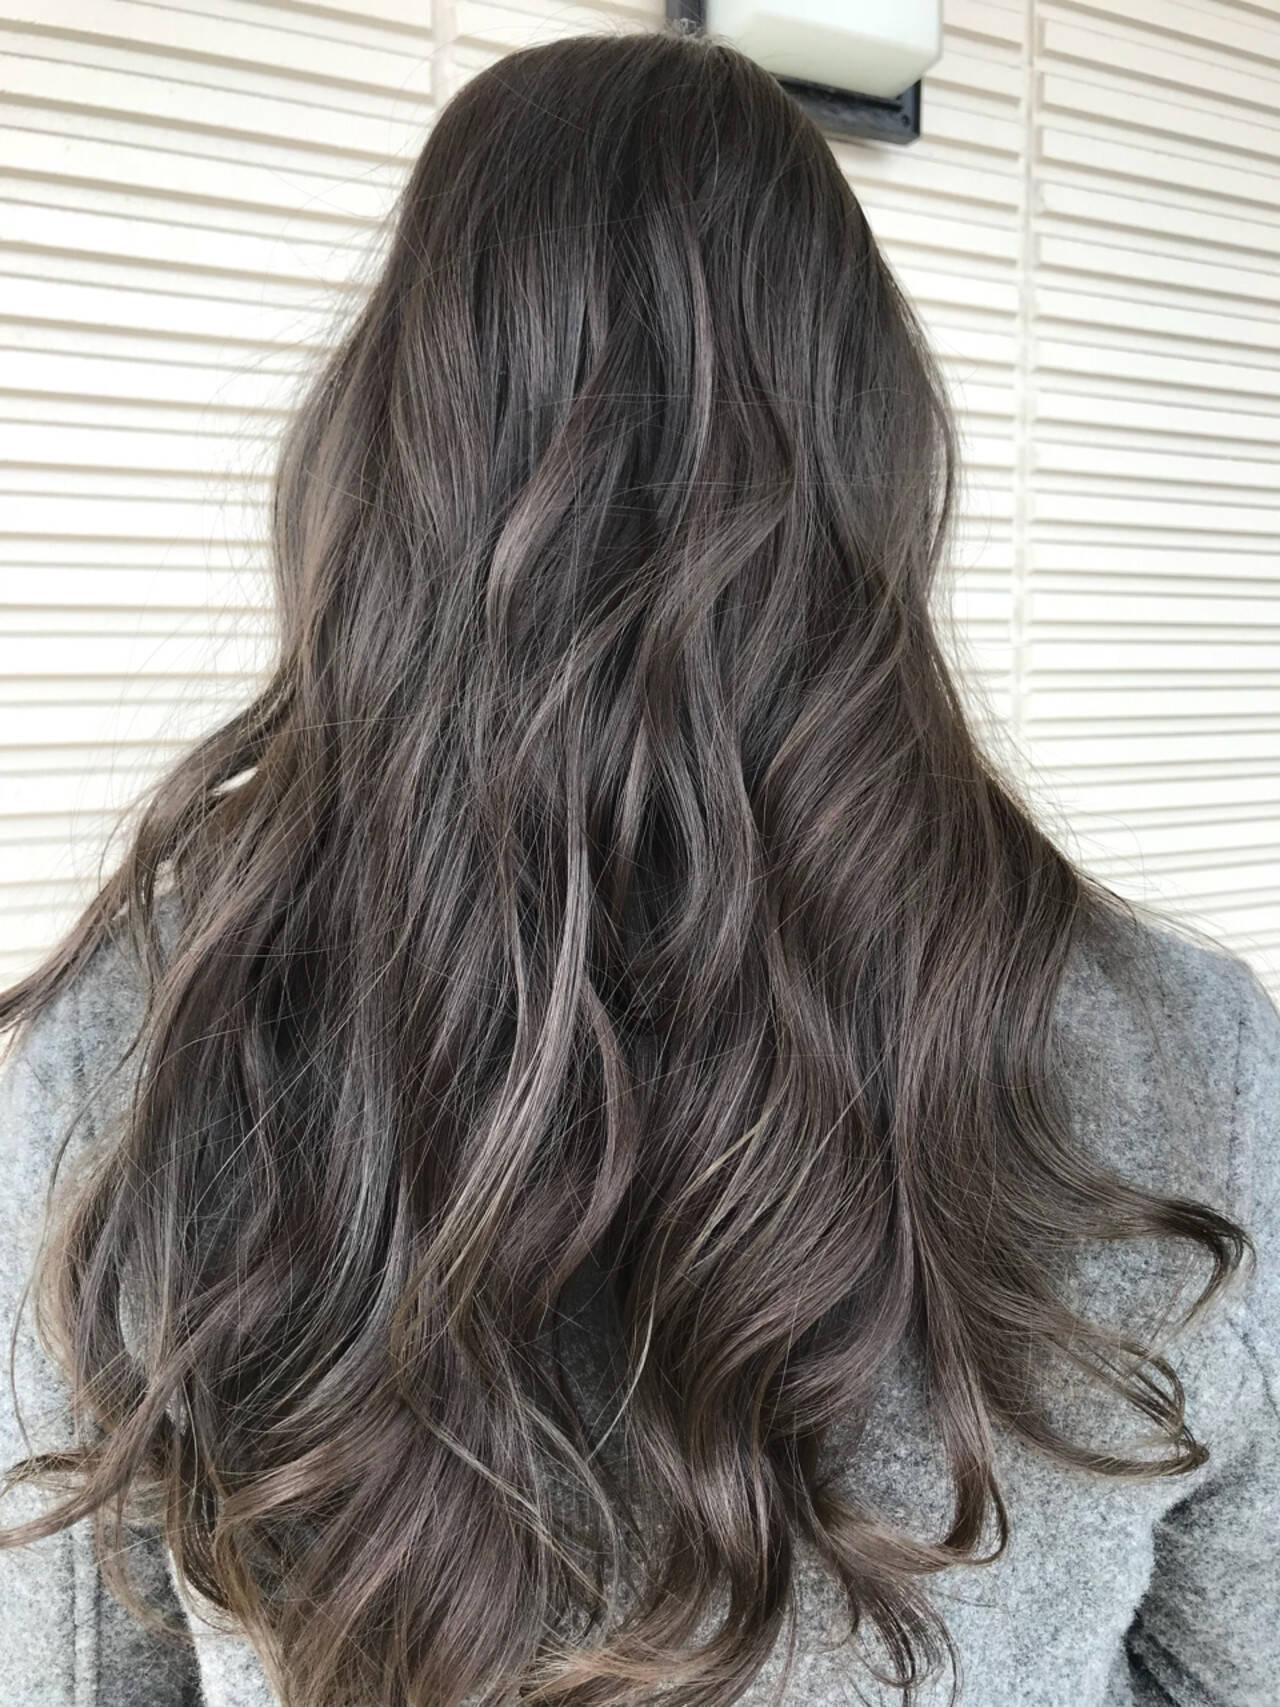 ハイライト グレージュ モード ロングヘアスタイルや髪型の写真・画像